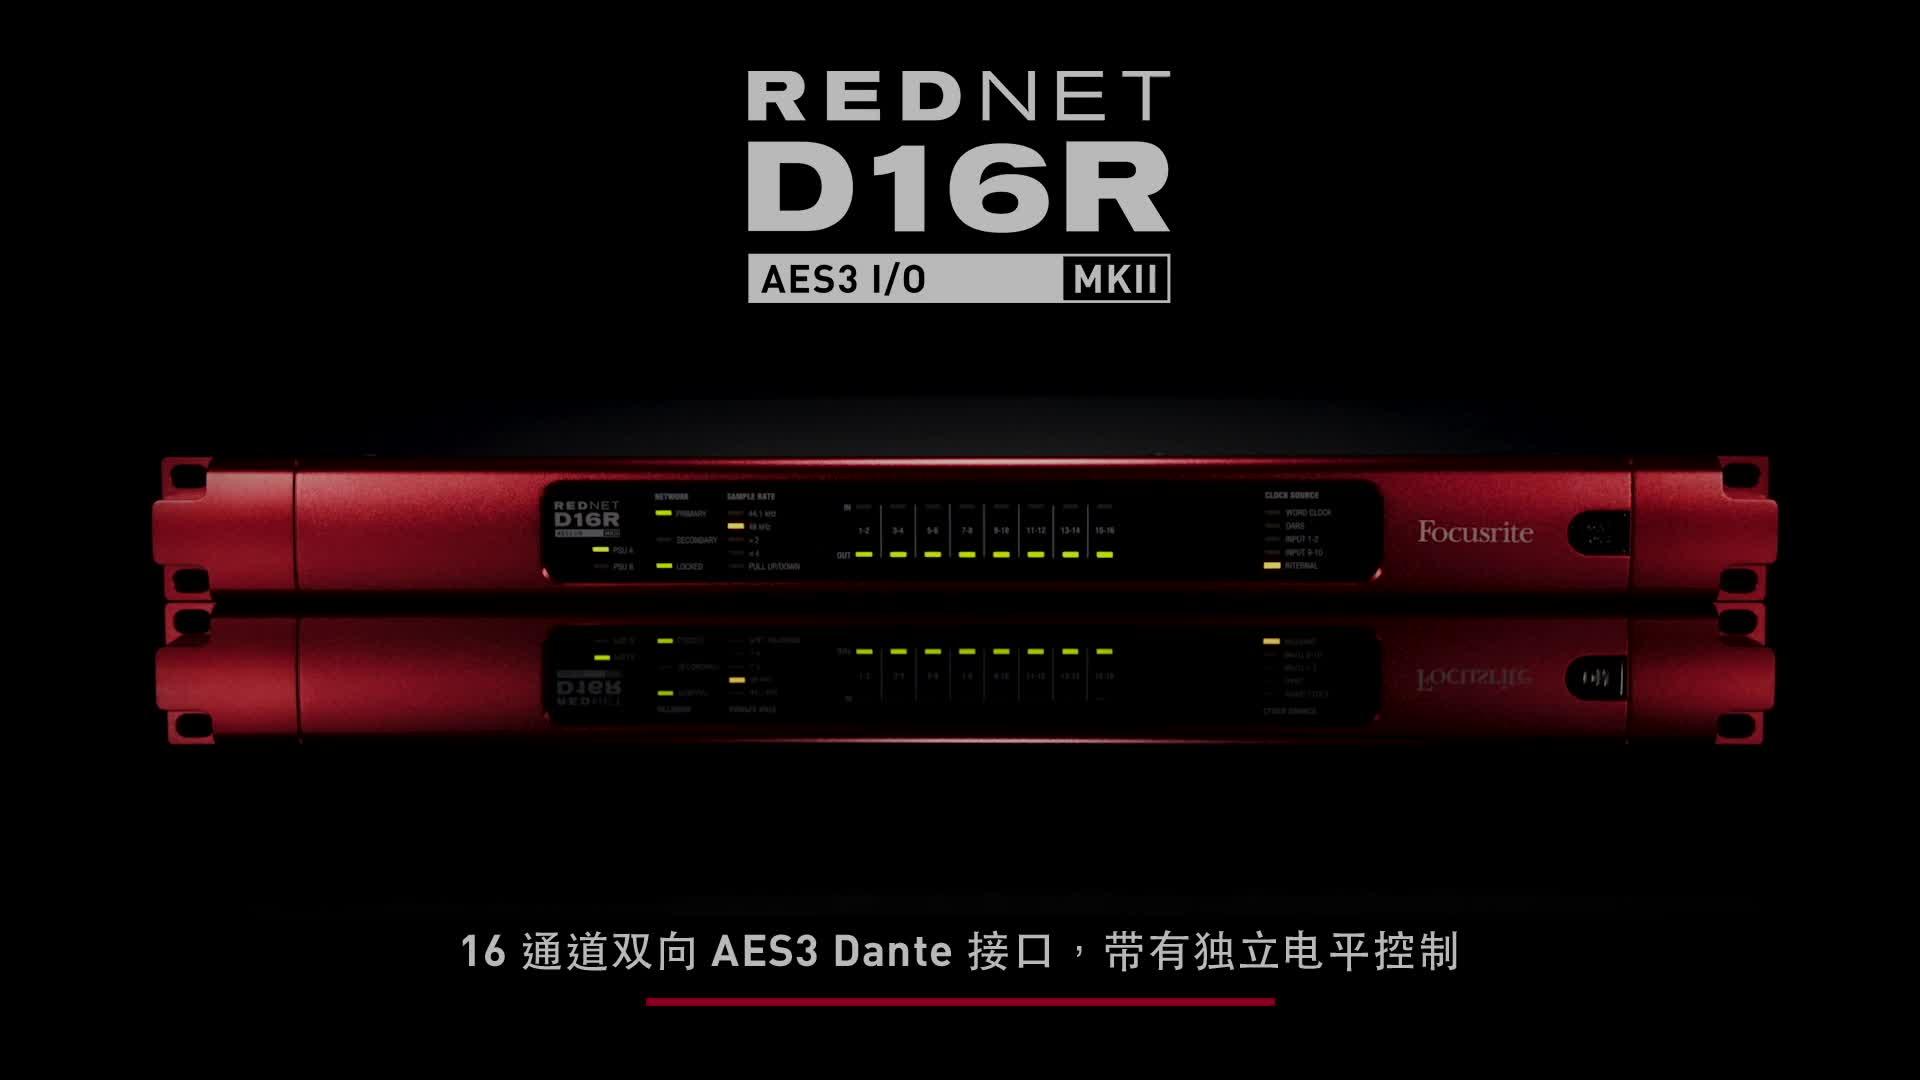 Focusrite RedNet D16R